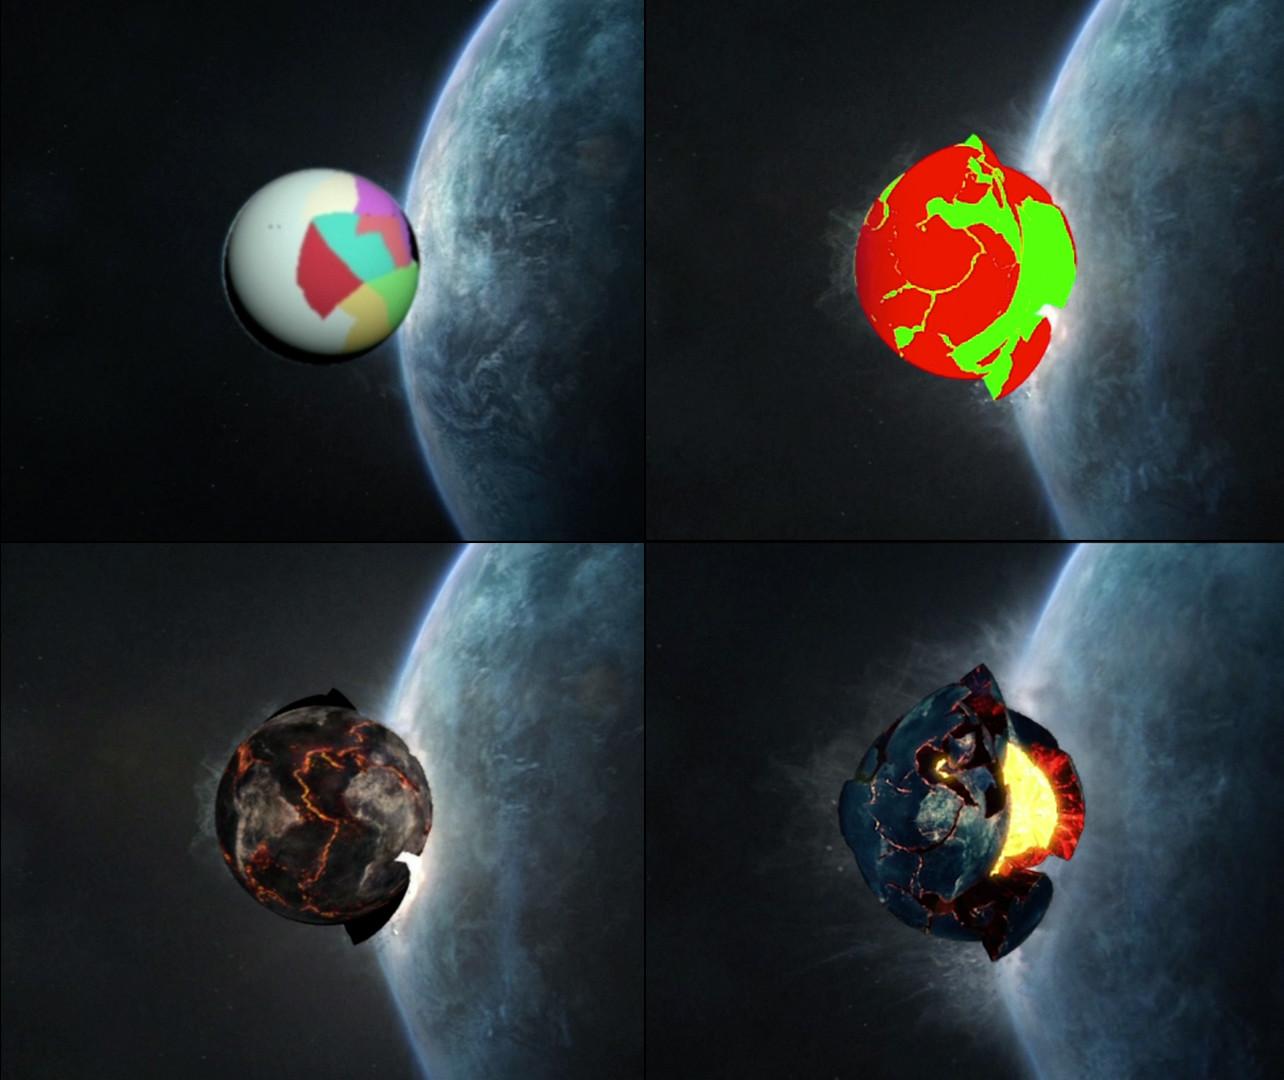 Destruction elements